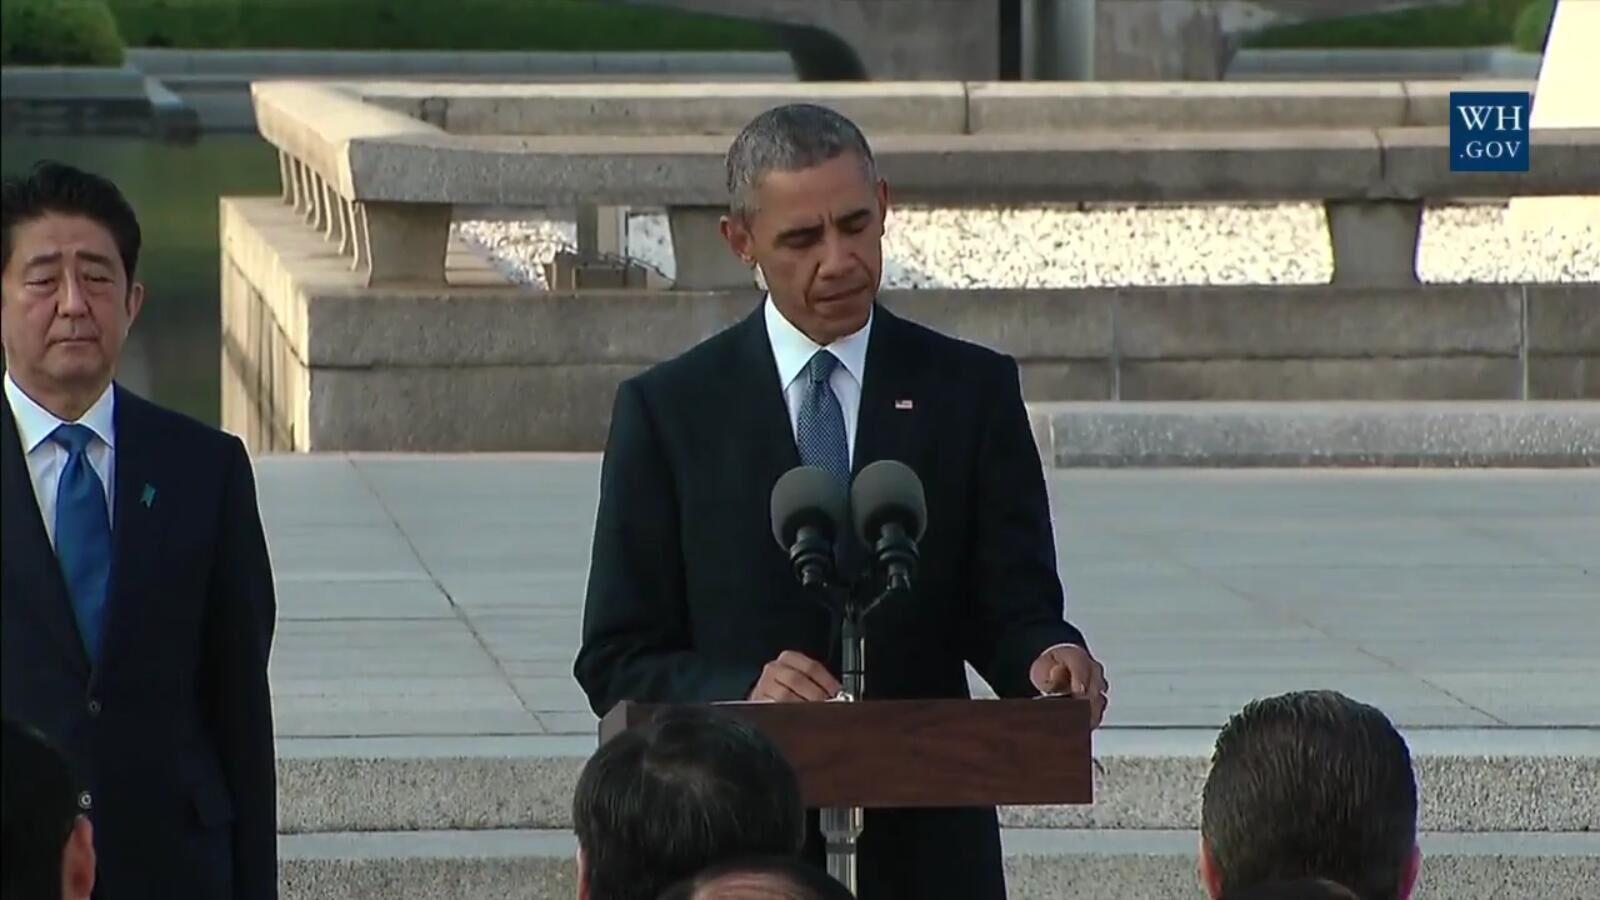 奥巴马访问广岛广岛和平公园 呼吁减少全球核武库存量